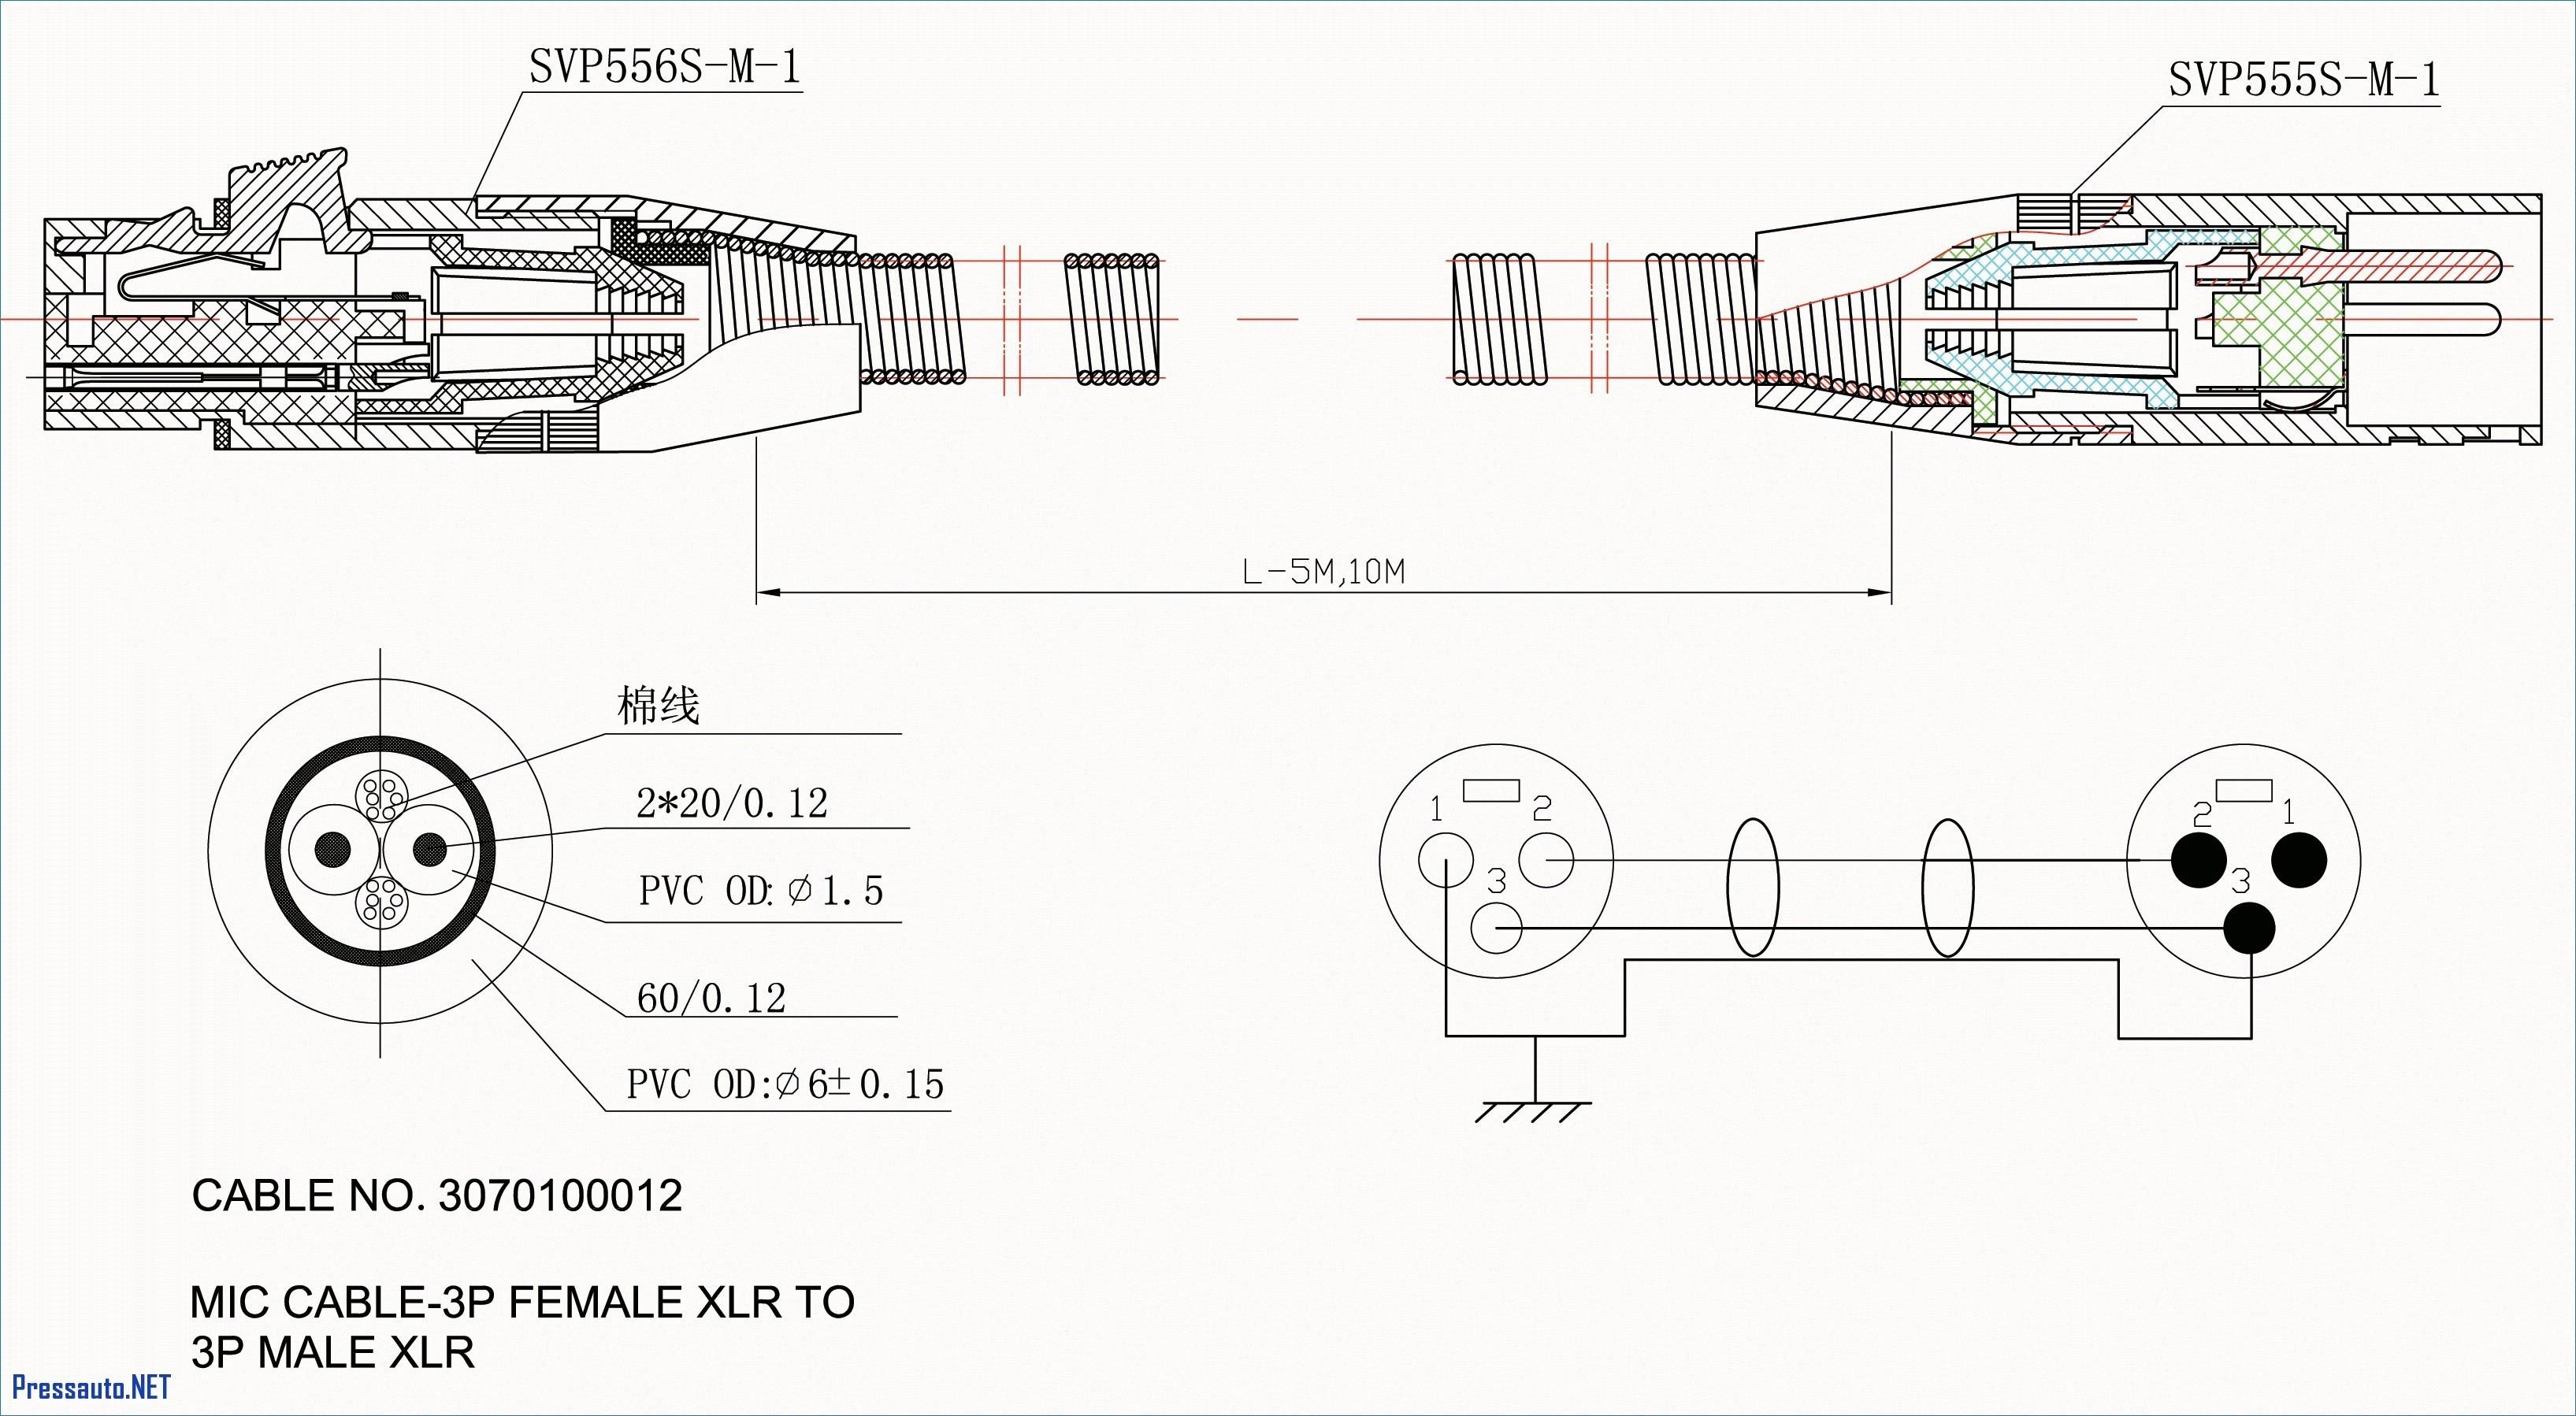 Fan Speed Switch Wiring Diagram Westinghouse Wiring Diagram Fan Valid 3 Speed 4 Wire Fan Switch Of Fan Speed Switch Wiring Diagram